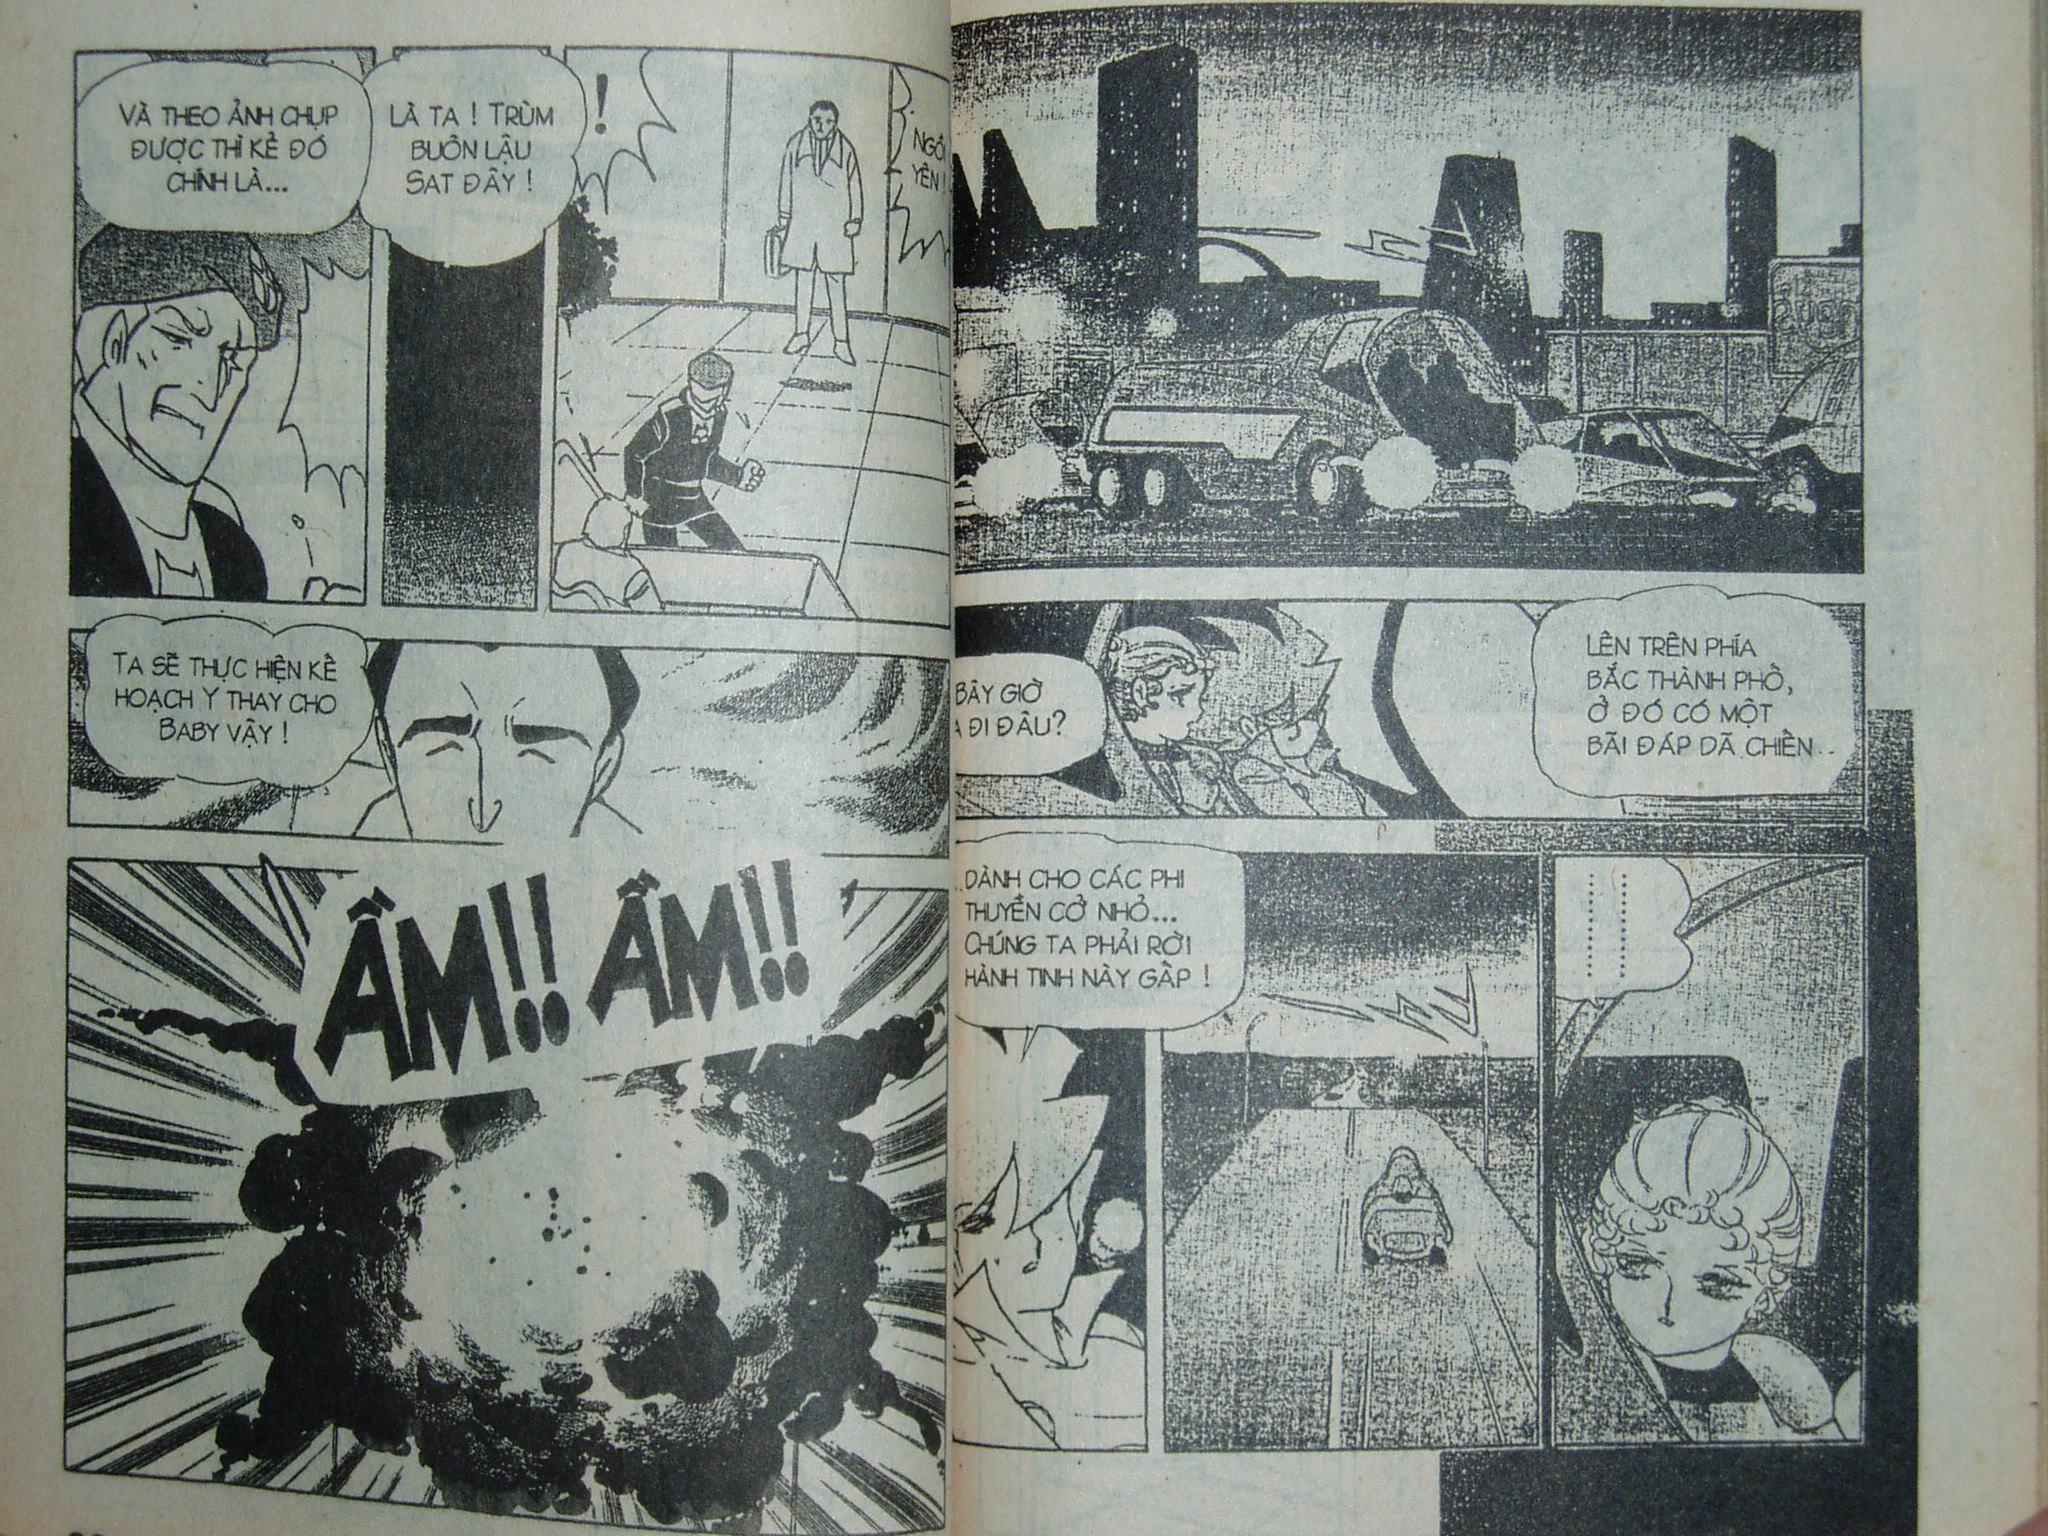 Siêu nhân Locke vol 16 trang 44